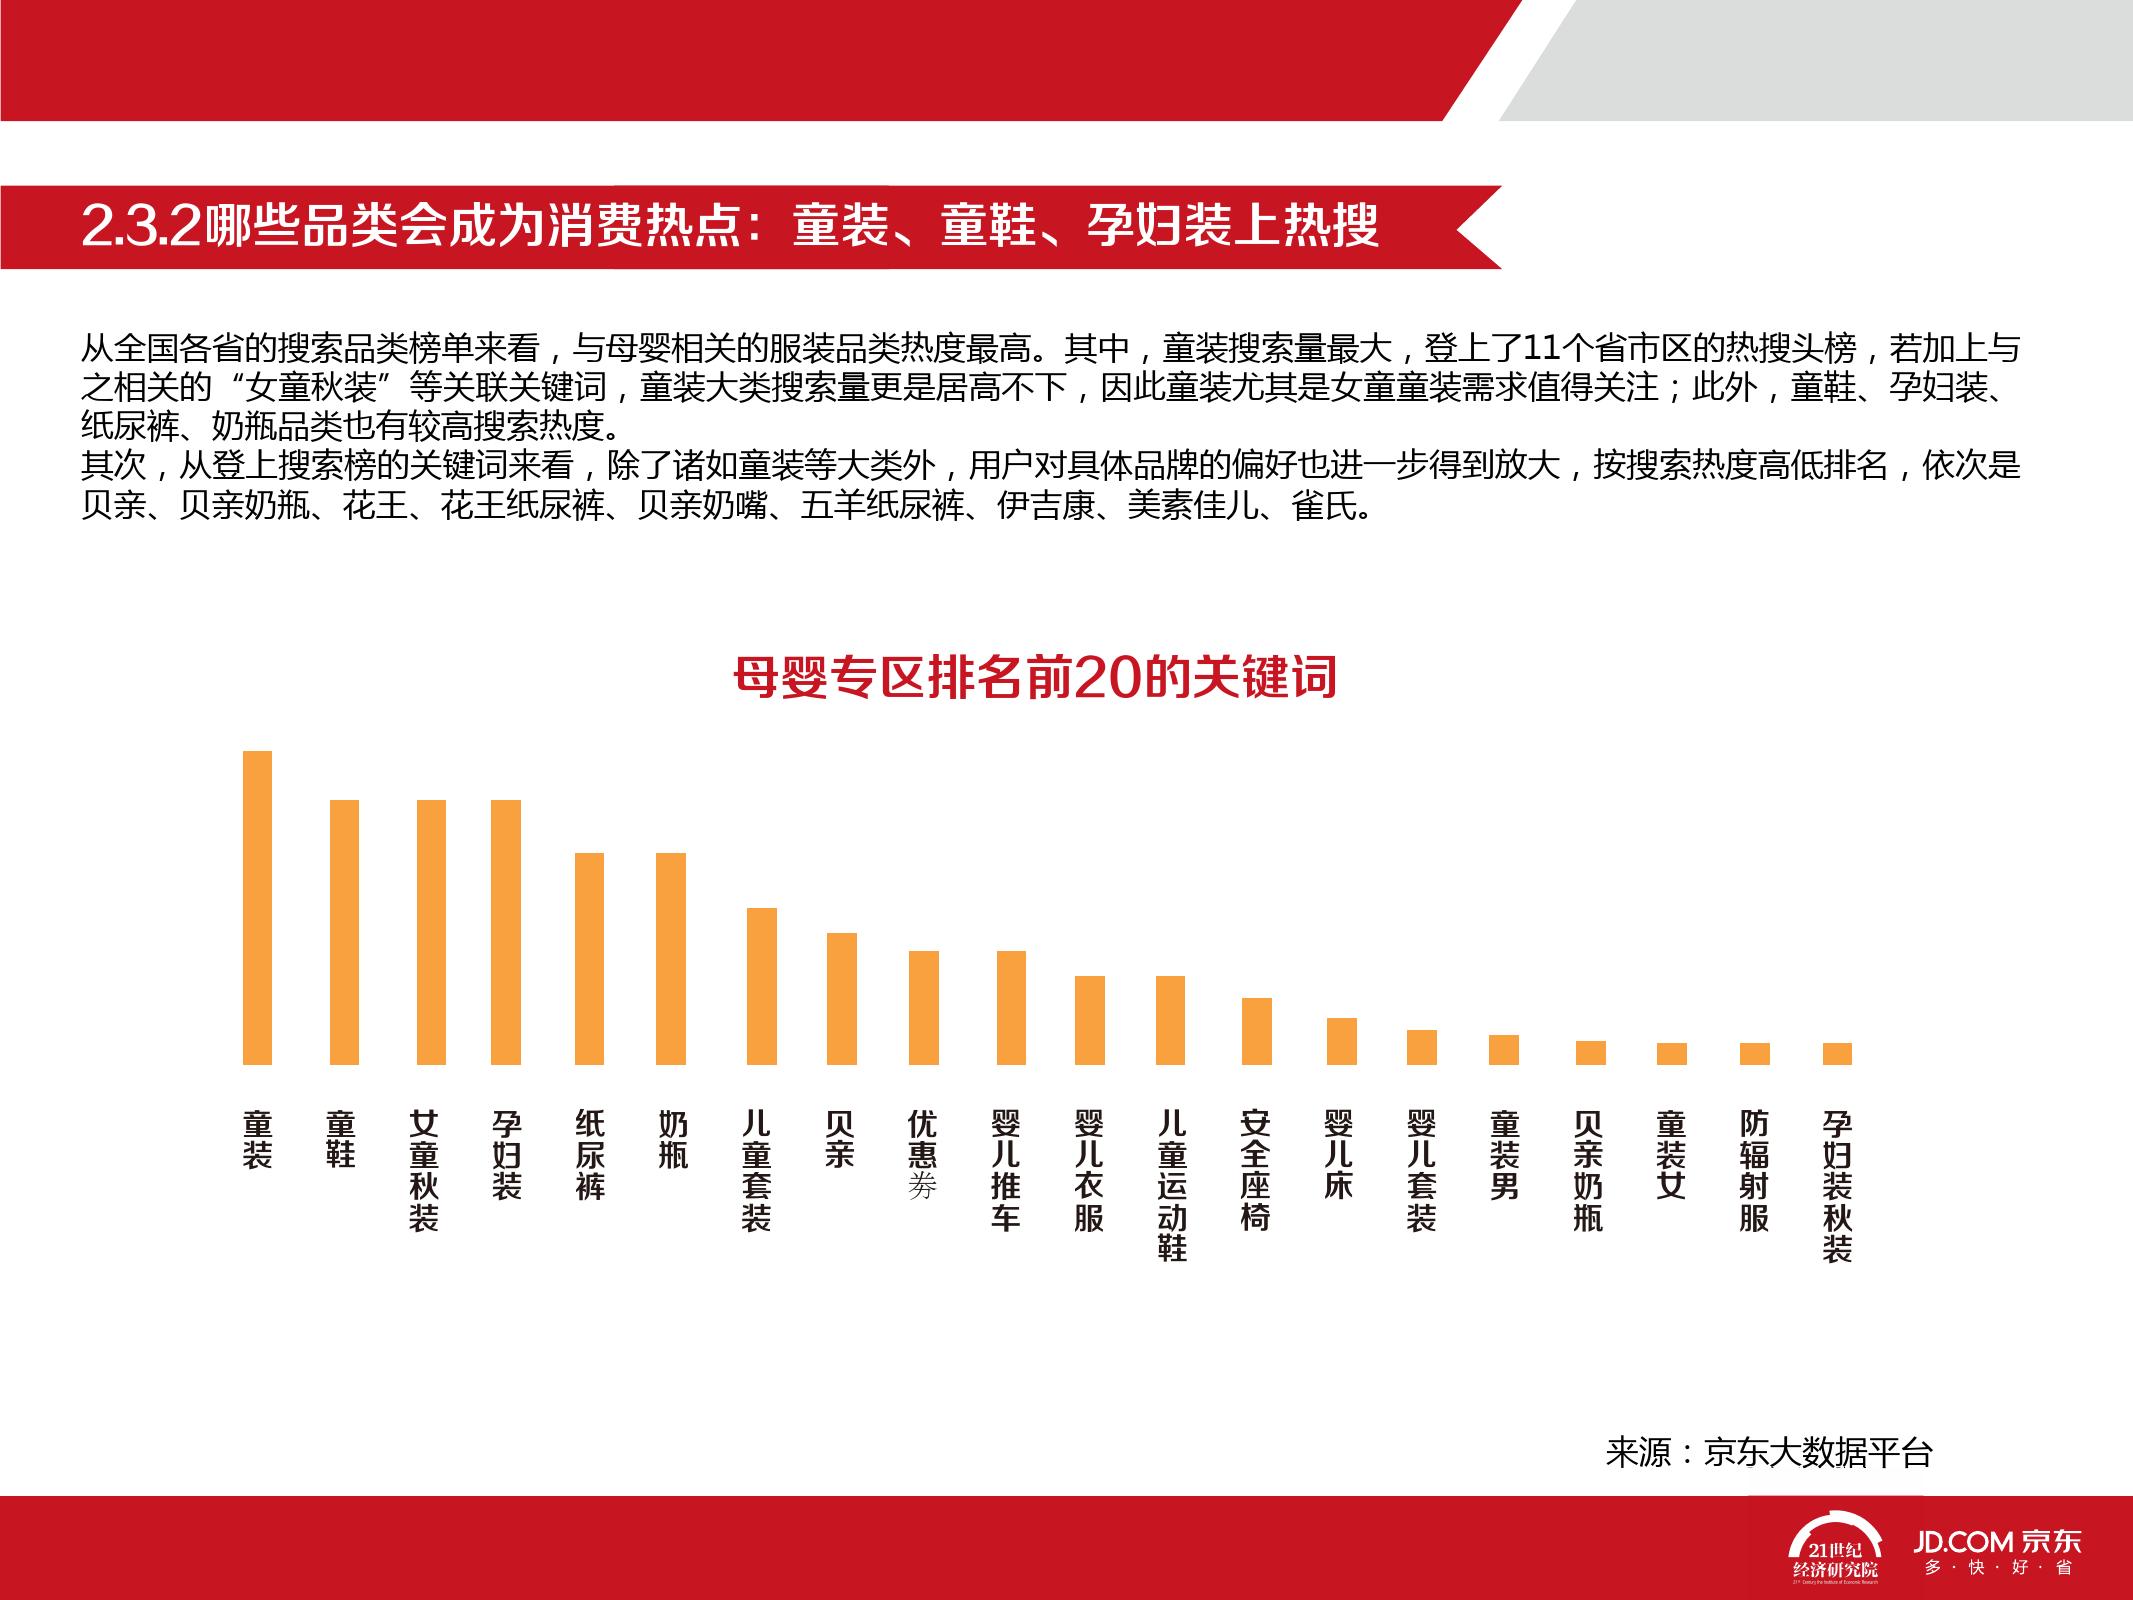 2016中国母婴产品消费趋势报告_000031